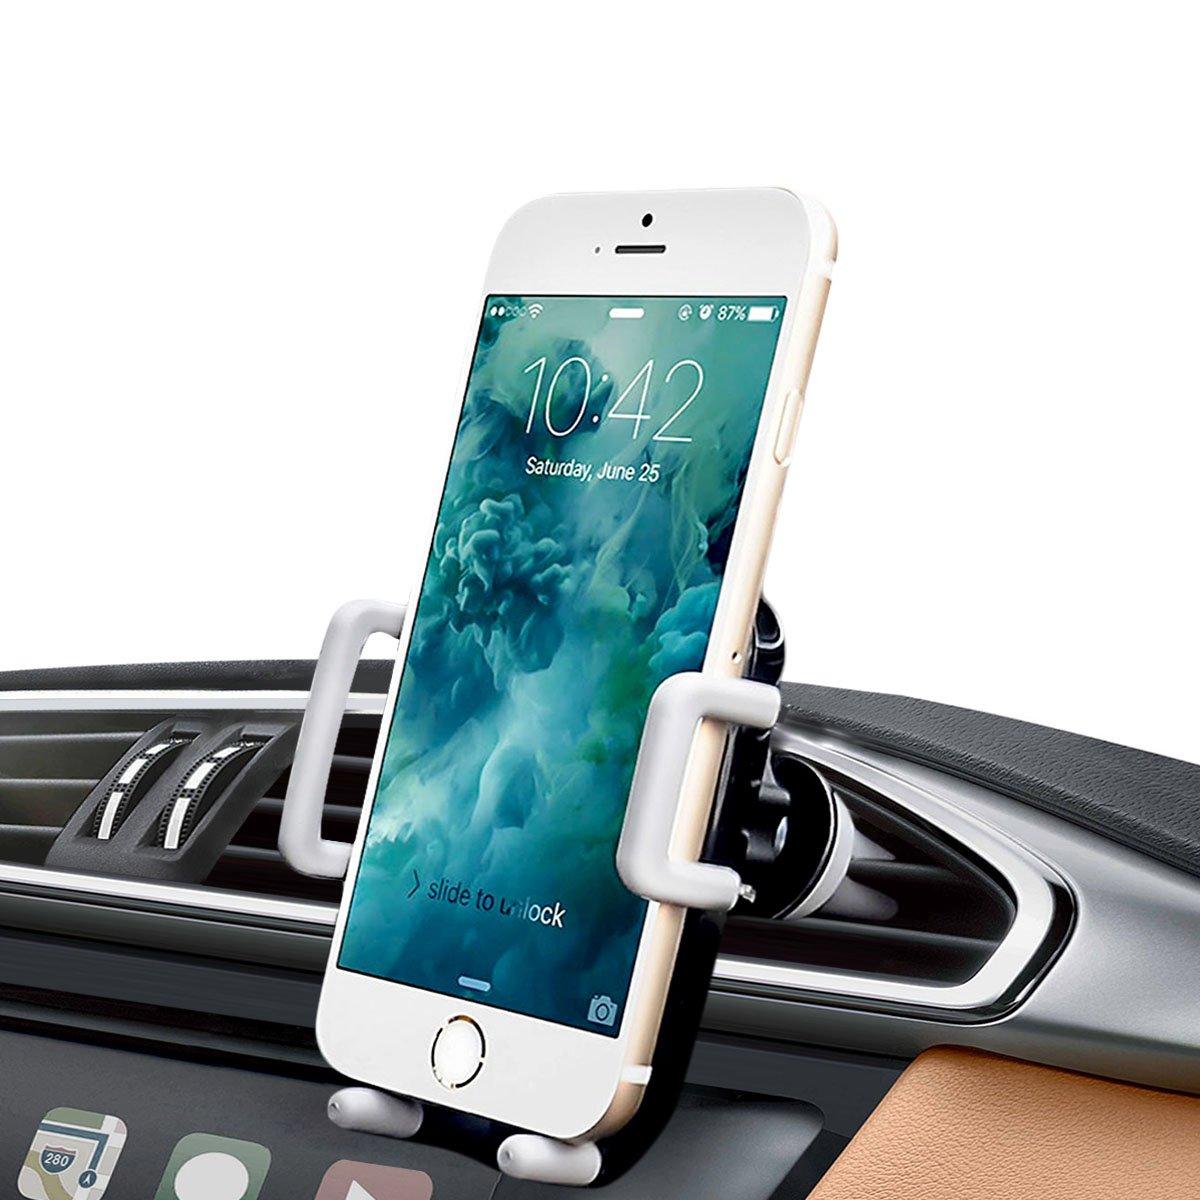 iAmotus Soporte Mó vil Coche Ventilació n Universal 360 Grados Soporte Telé fono Coche para Rejilla de Aire con iPhone X 8 7 6s 6 Plus 5s, Samsung Galaxy S9 S8 Edge, Huawei, Smartphone y GPS Dispositivo LinkHolder